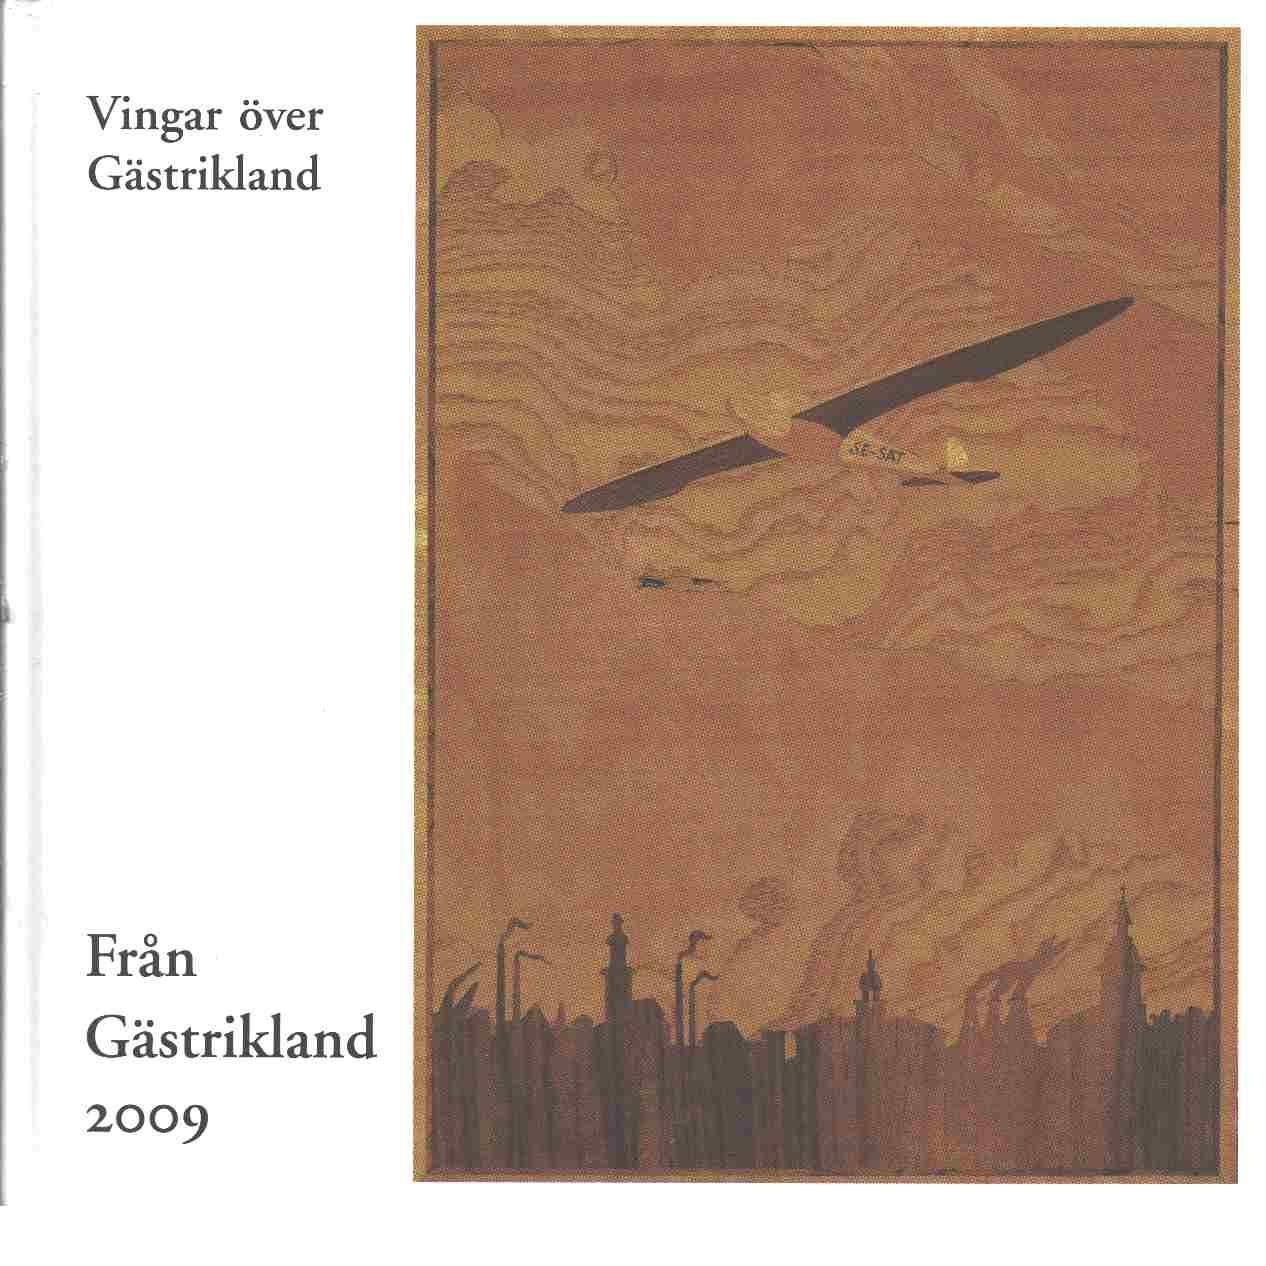 Från Gästrikland 2009: Vingar över Gästrikland - Red. Gästriklands kulturhistoriska förening